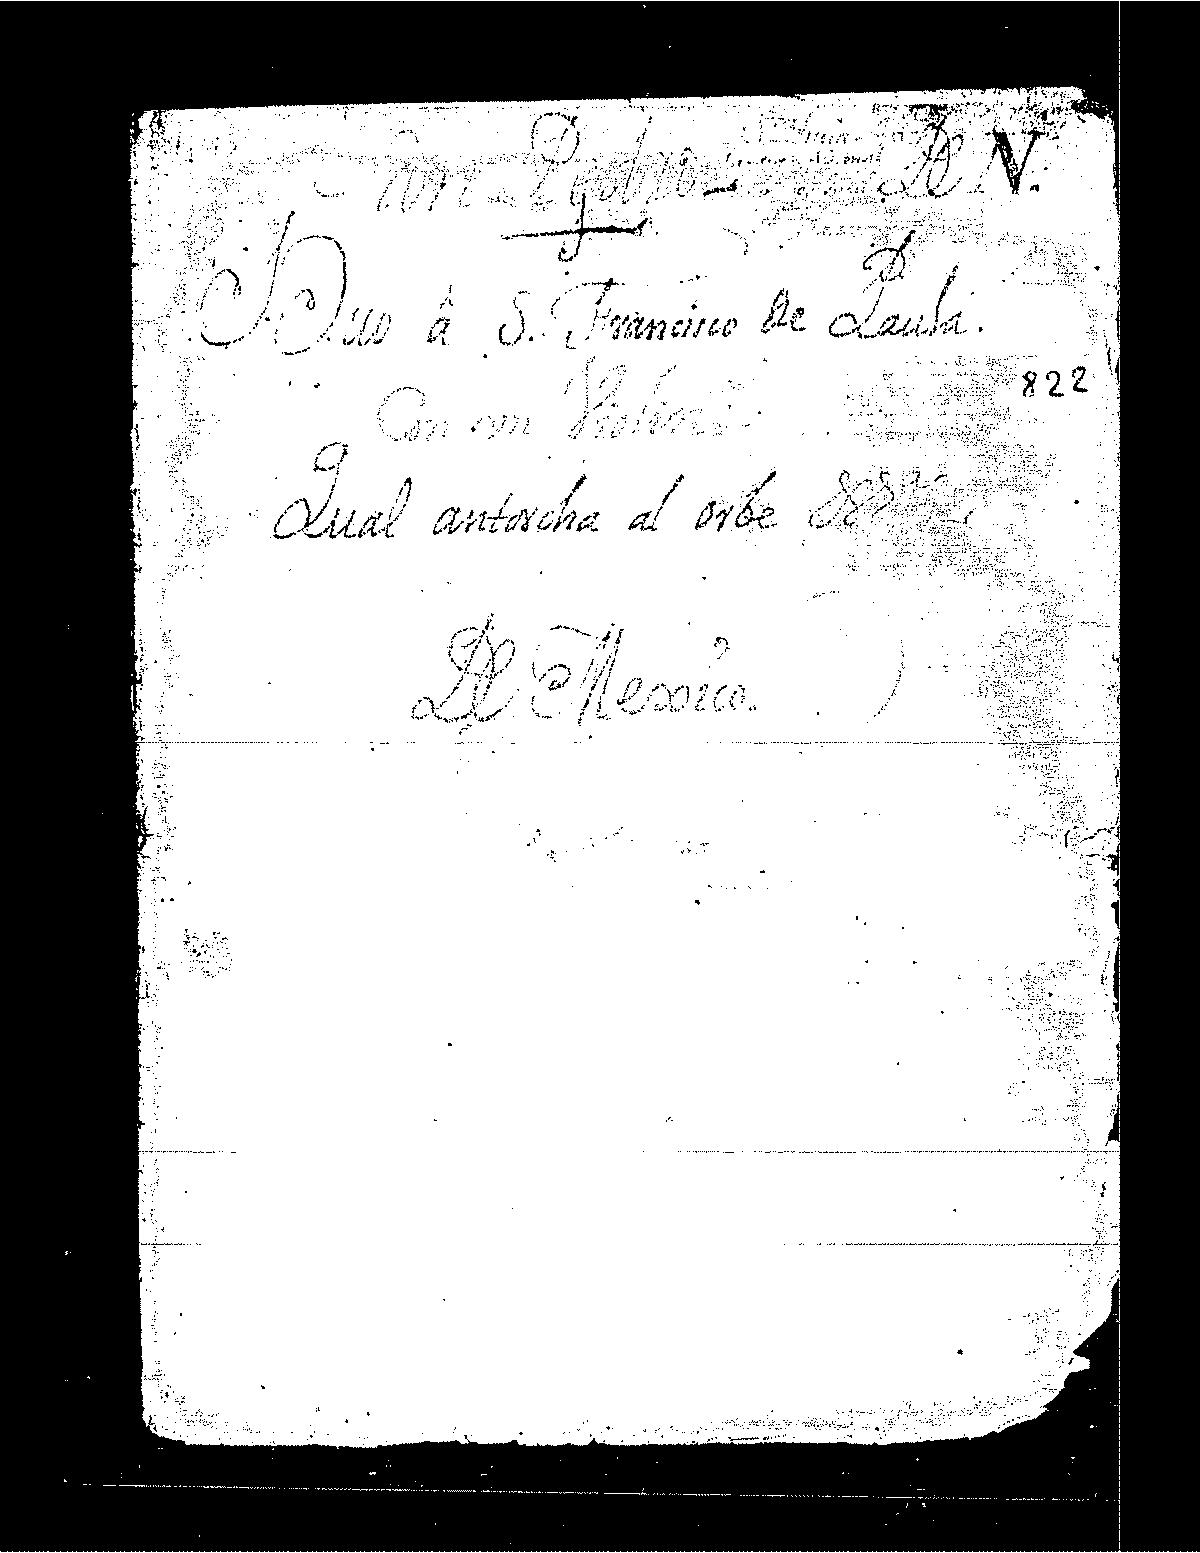 Qual antorcha al orbe (Soberanis, Gregorio Mariano de) - IMSLP